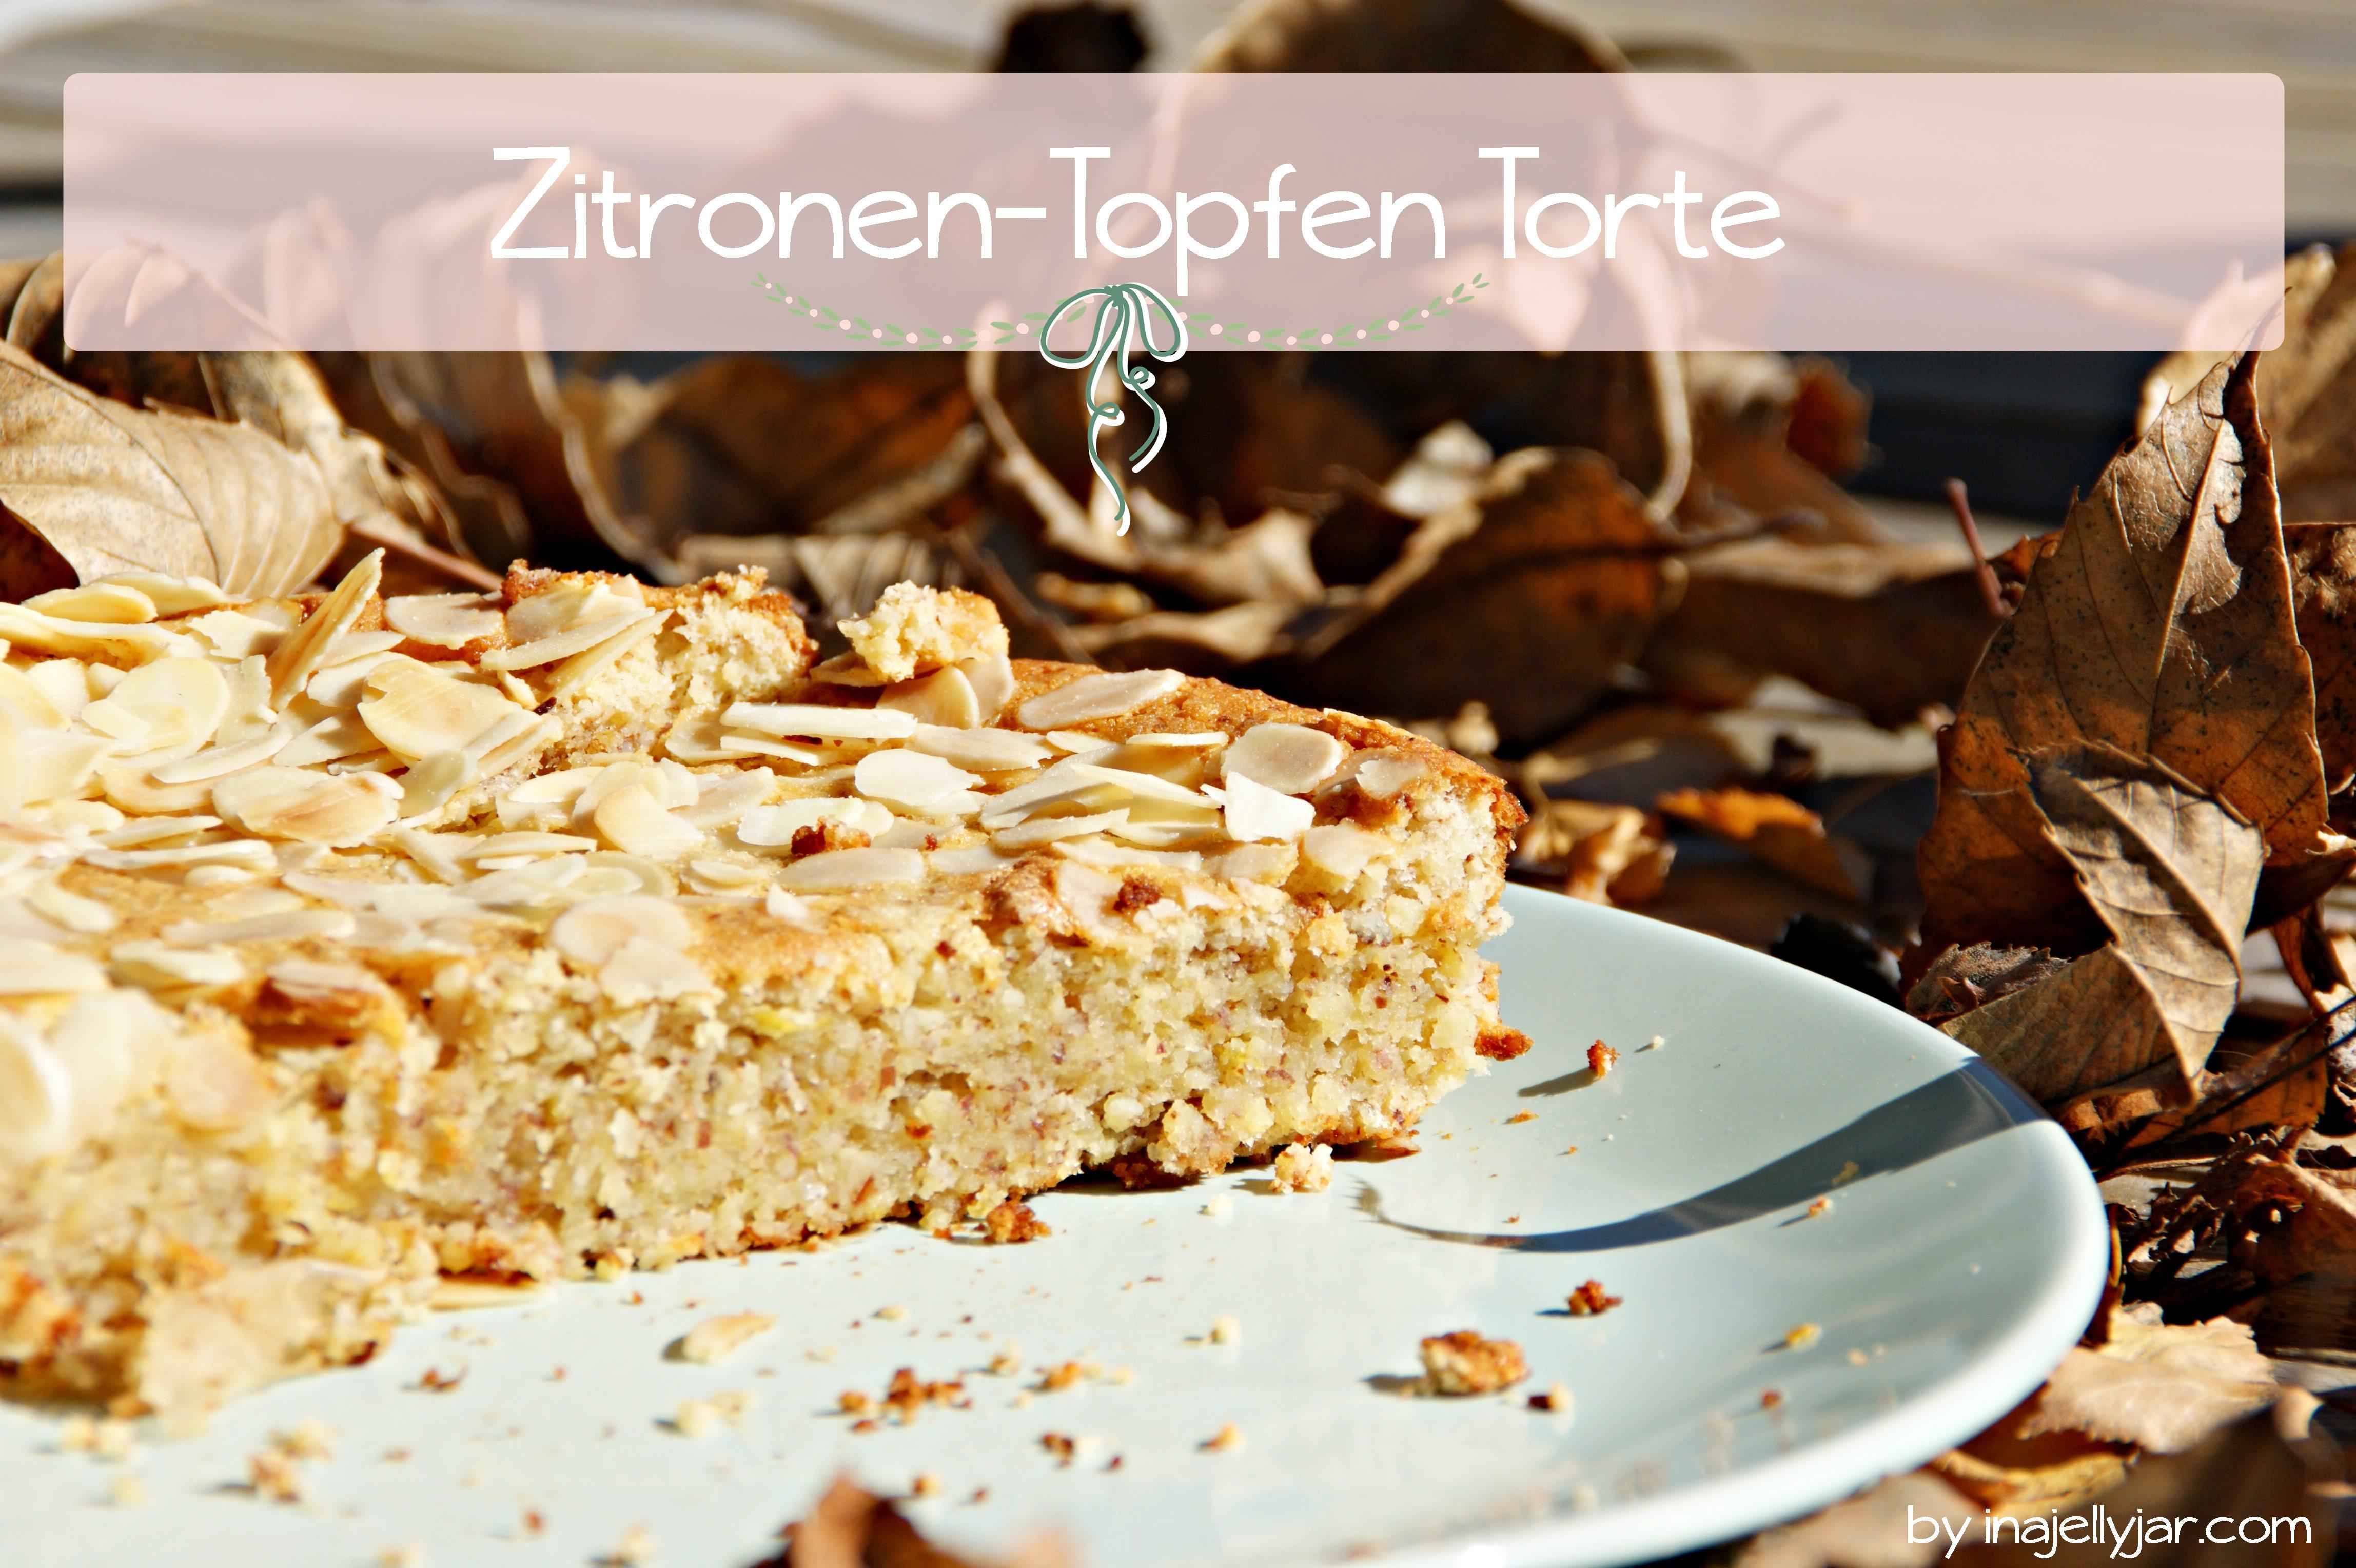 Zitronen-Topfen Torte